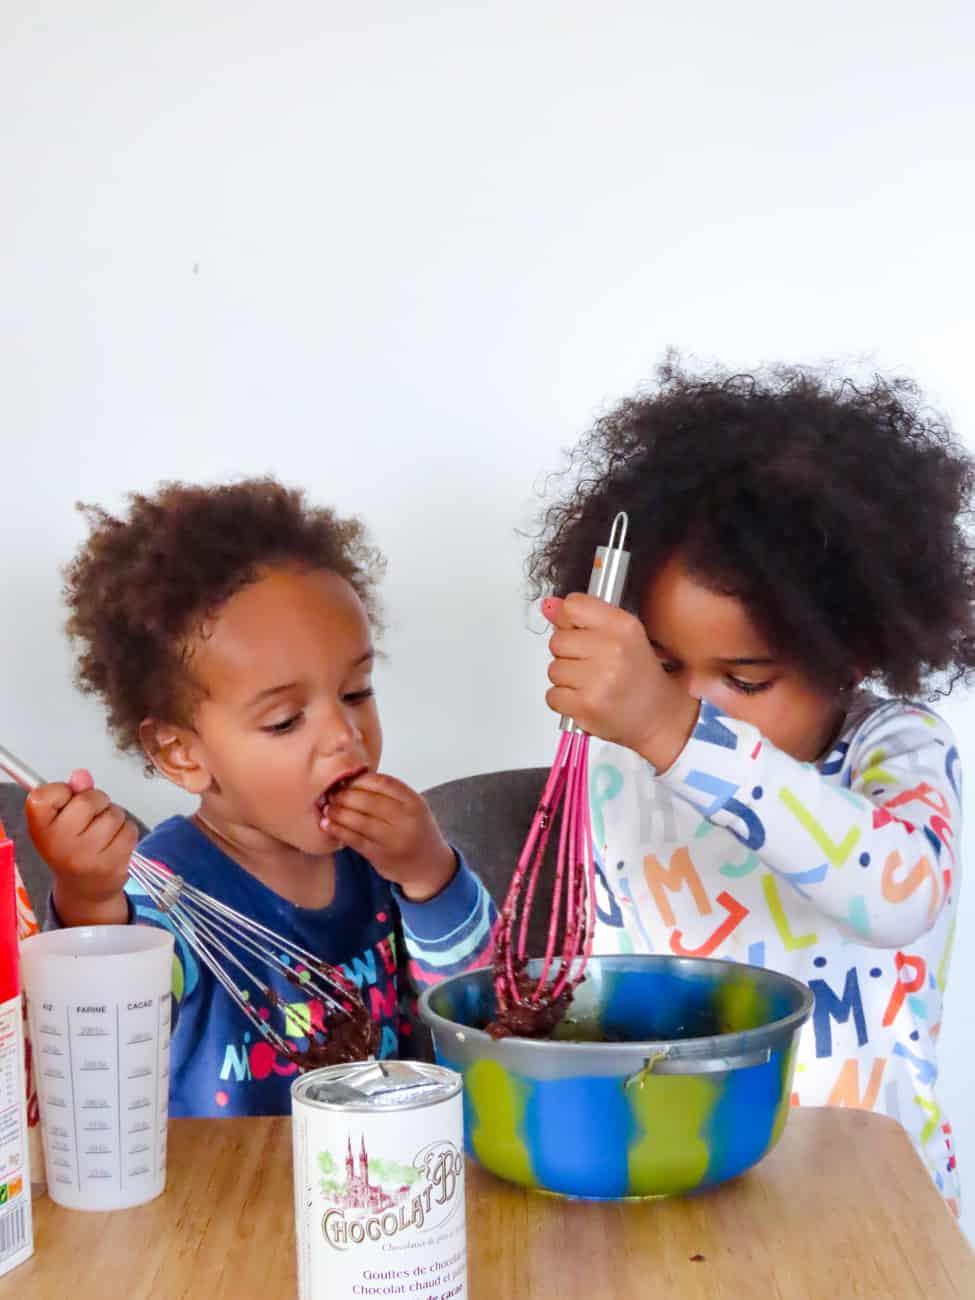 cuisiner-avec-enfants-recettes-8